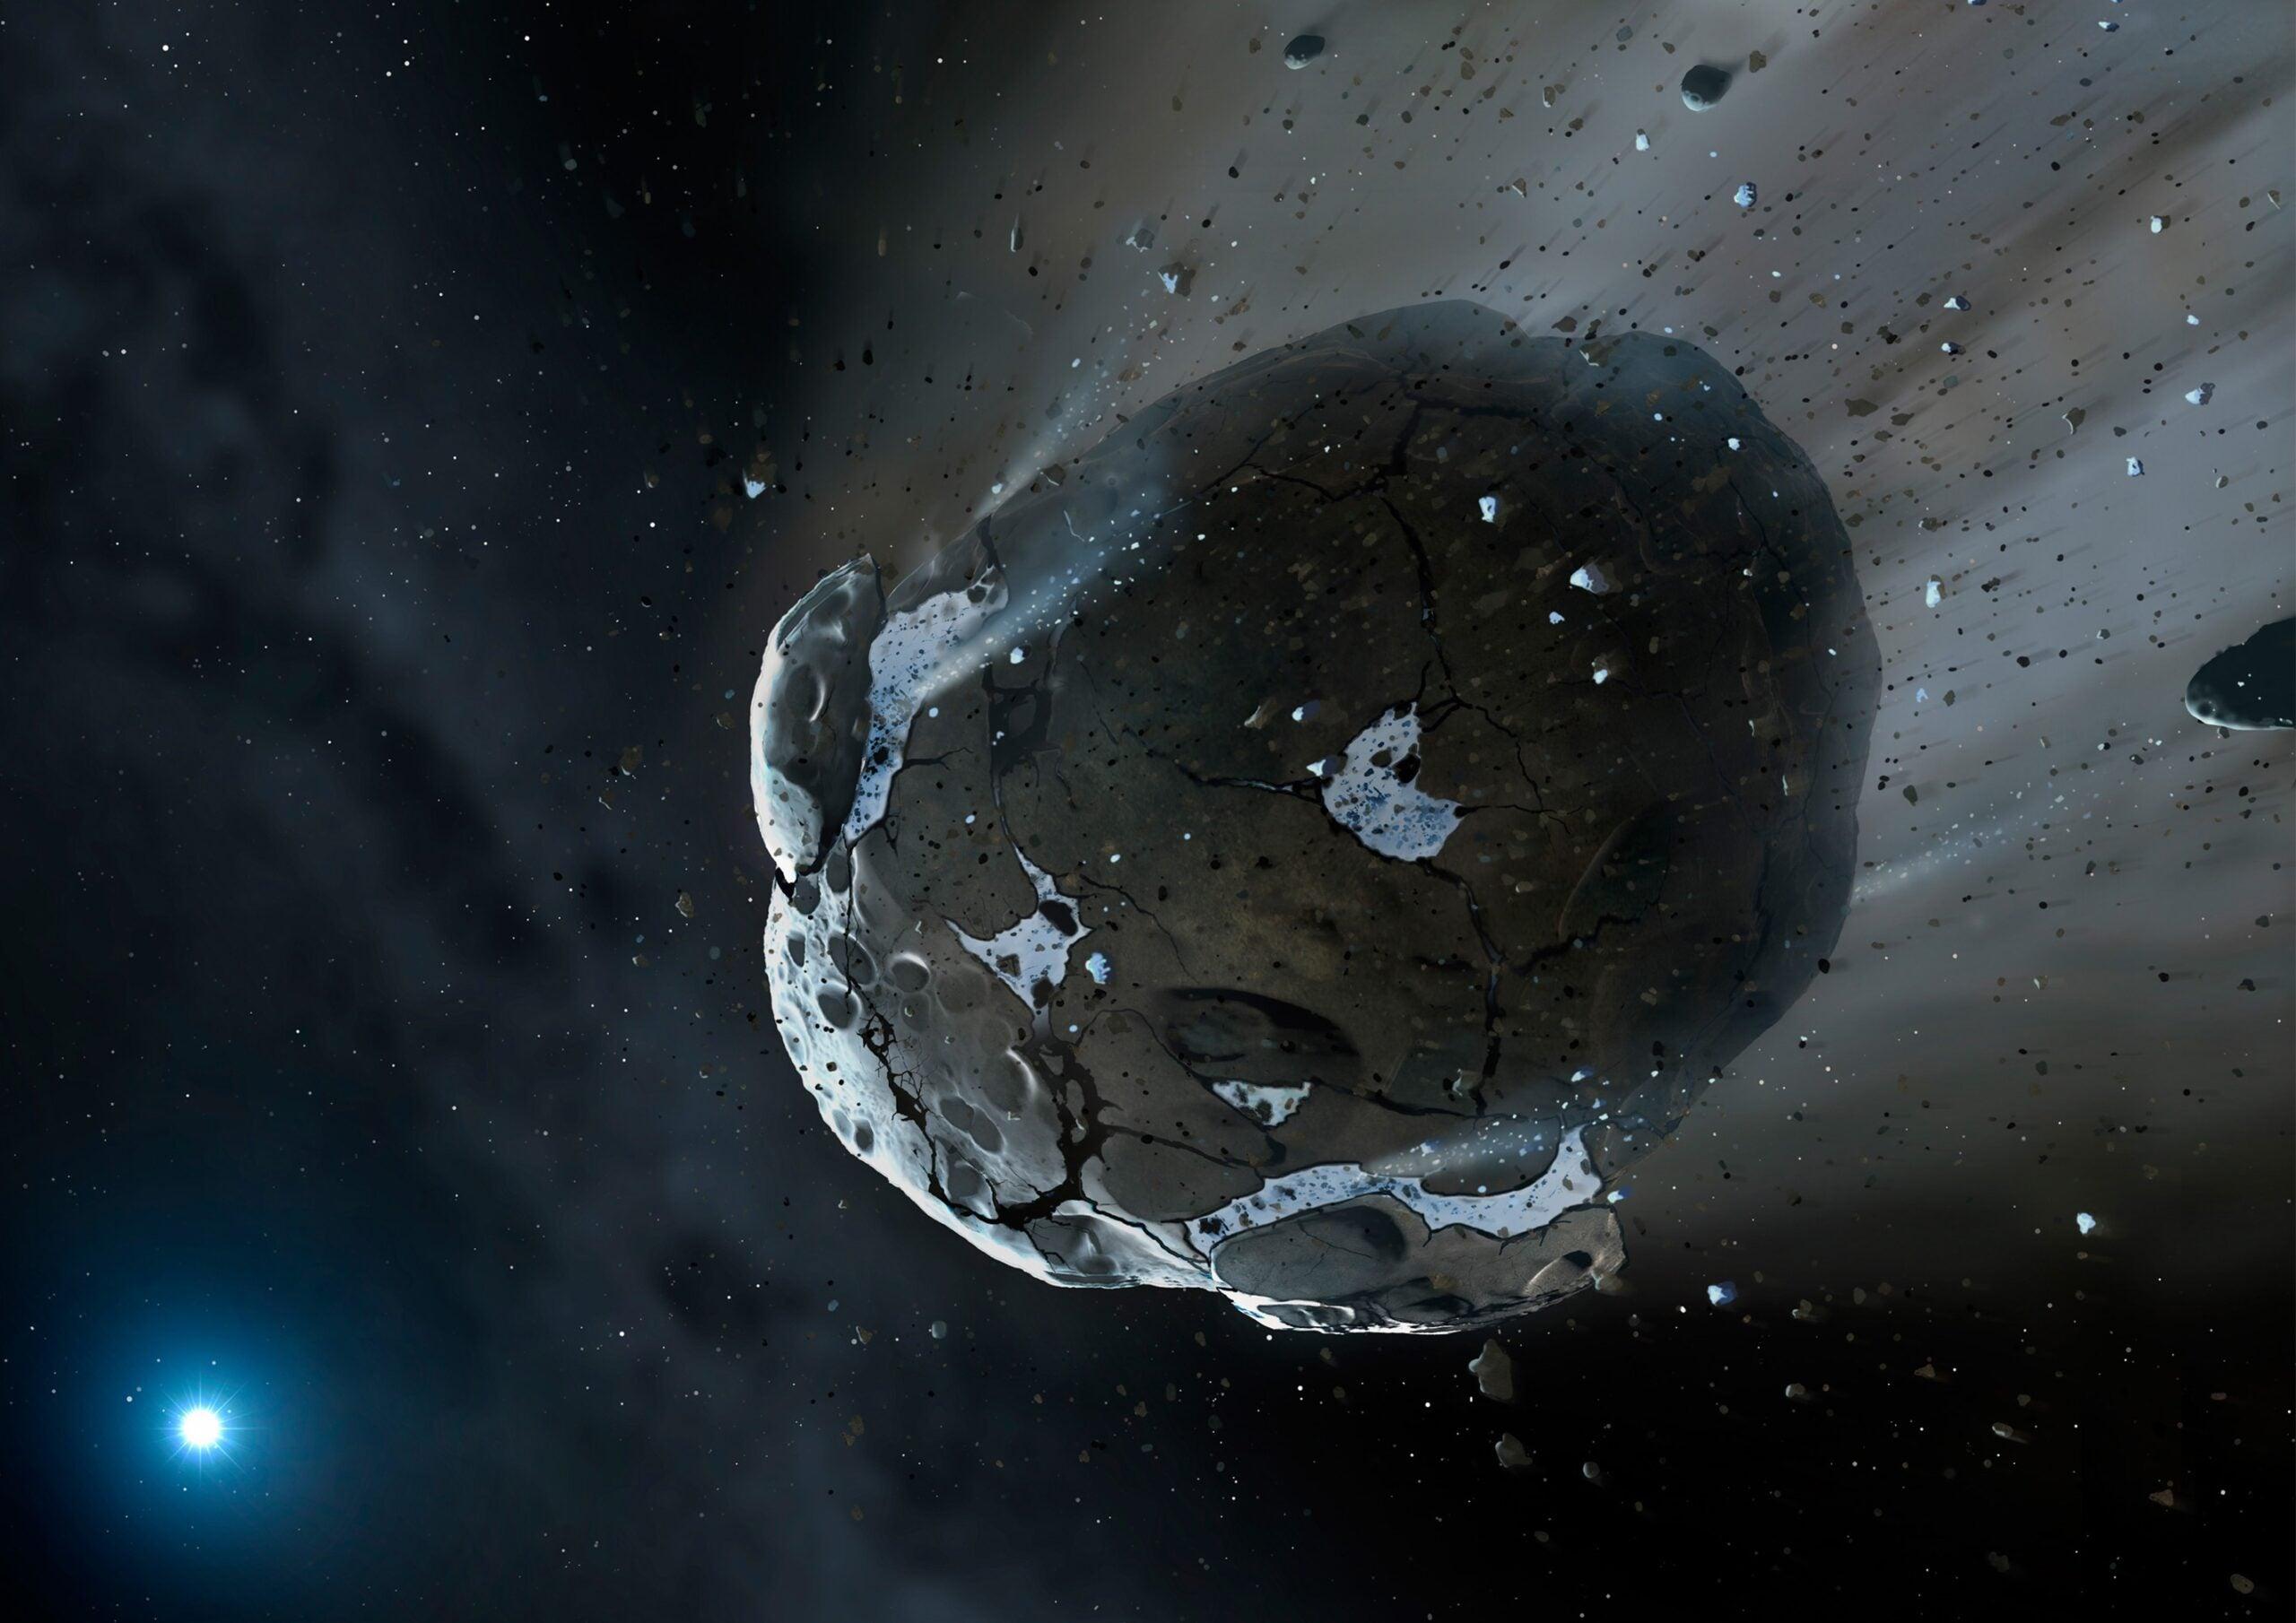 The Halloween Asteroid